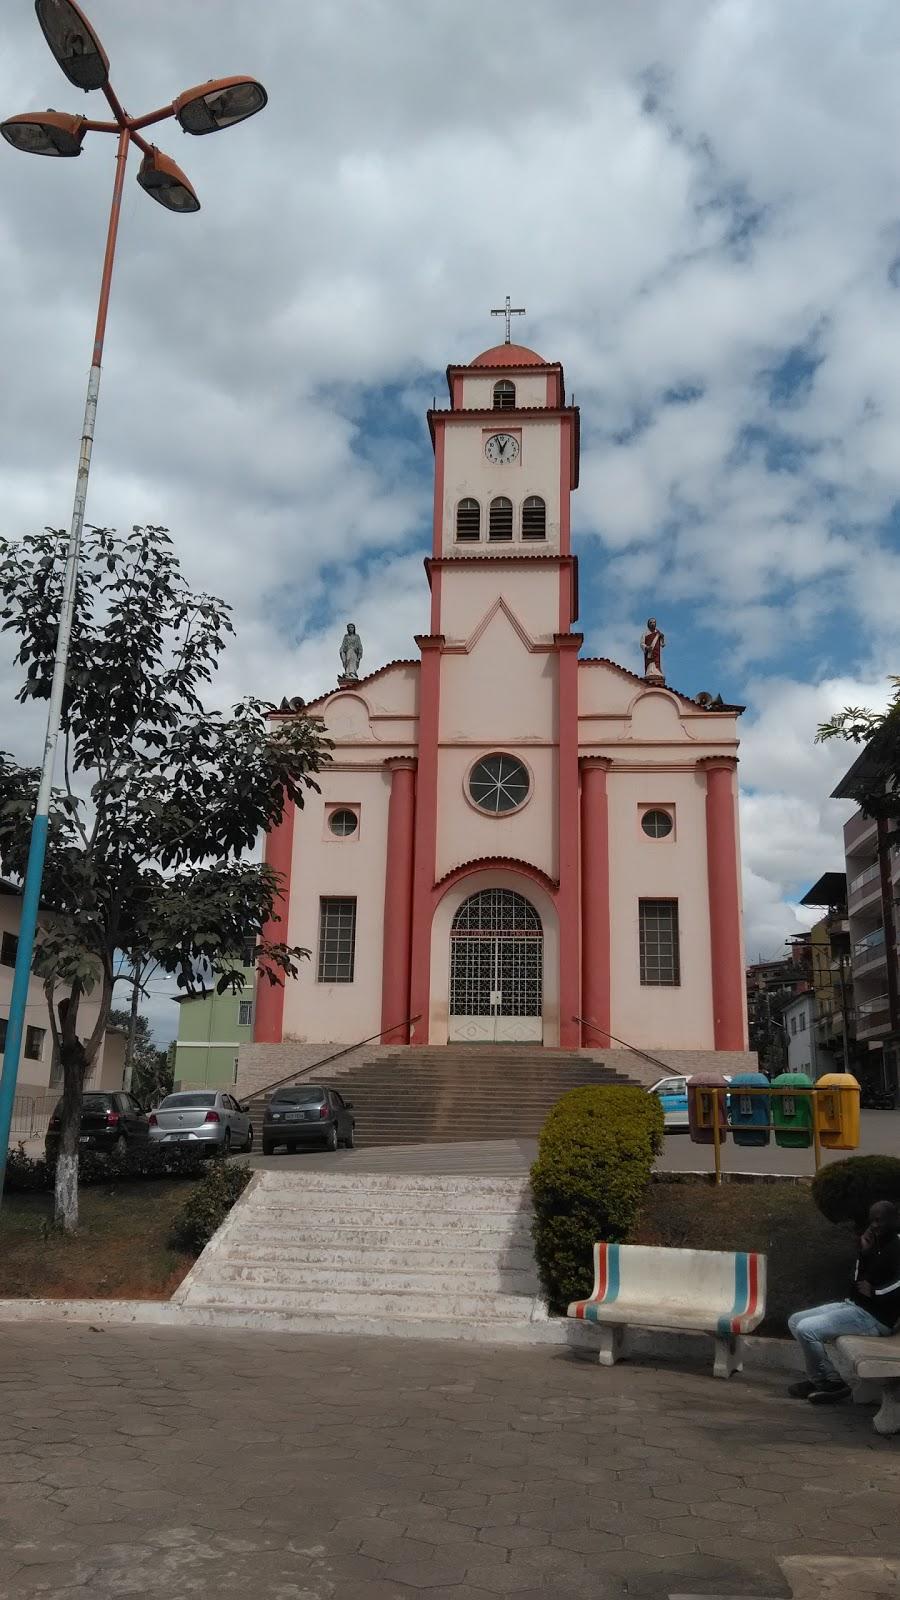 Simonésia Minas Gerais fonte: static.consolidesuamarca.com.br